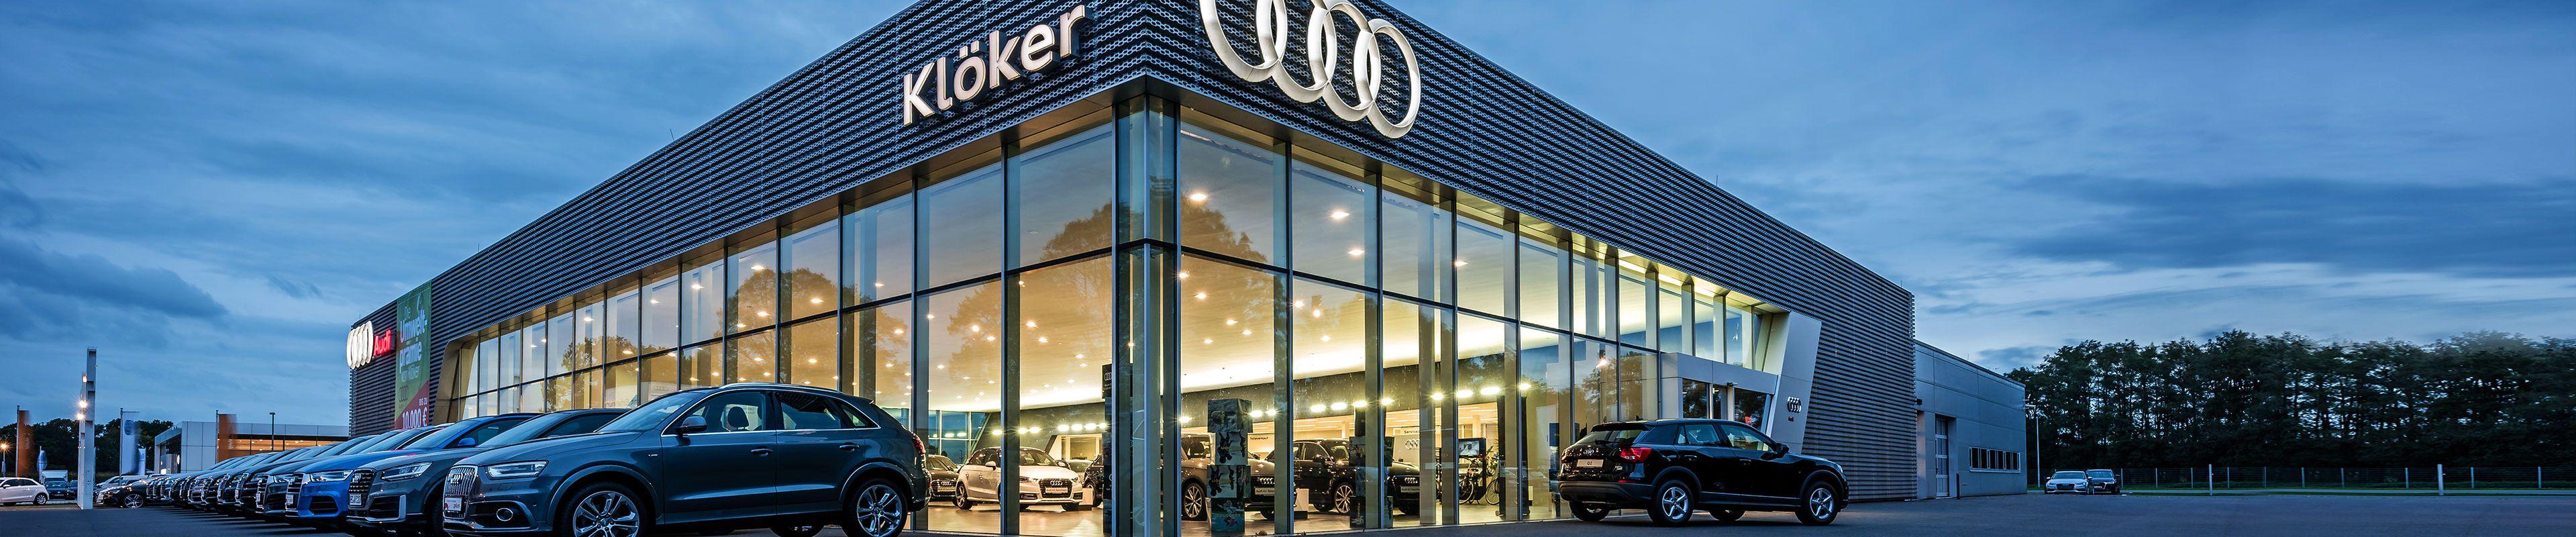 Audi Klöker Vechta